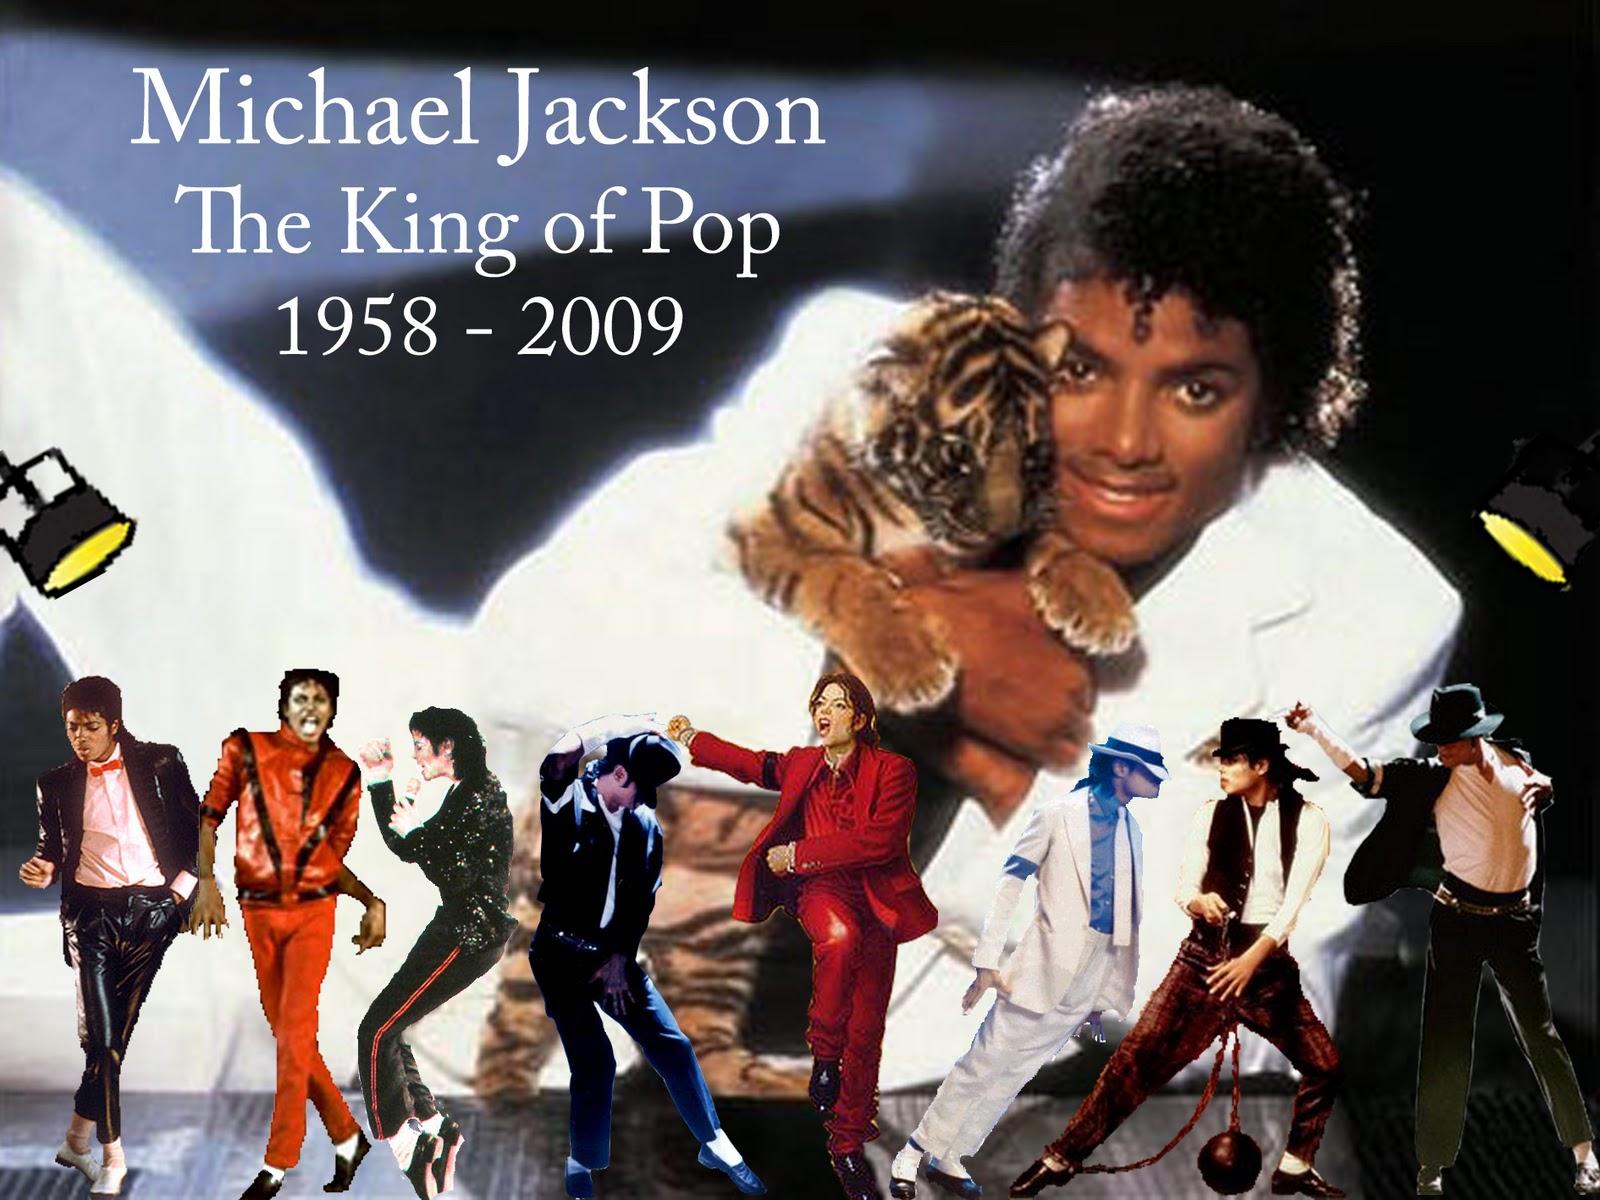 http://2.bp.blogspot.com/-LWYyqAt4HCc/TpD90ZtOzdI/AAAAAAAAA2A/F1F4JbRy-3g/s1600/Michael_Jackson_Tribute_by_creature_of_habit_22.jpg